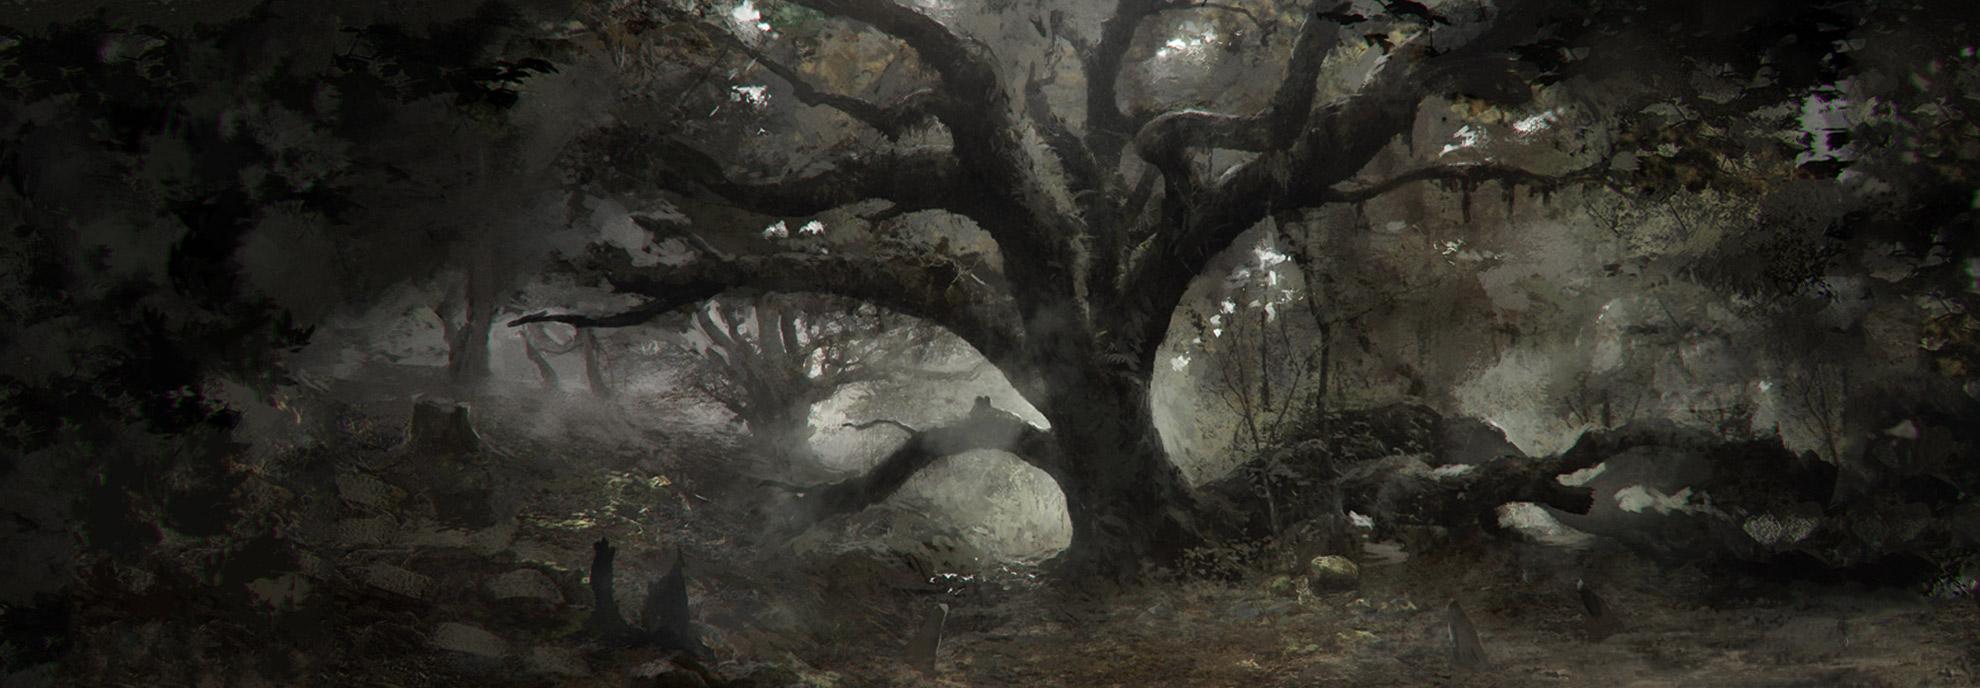 art dark car forest - photo #1